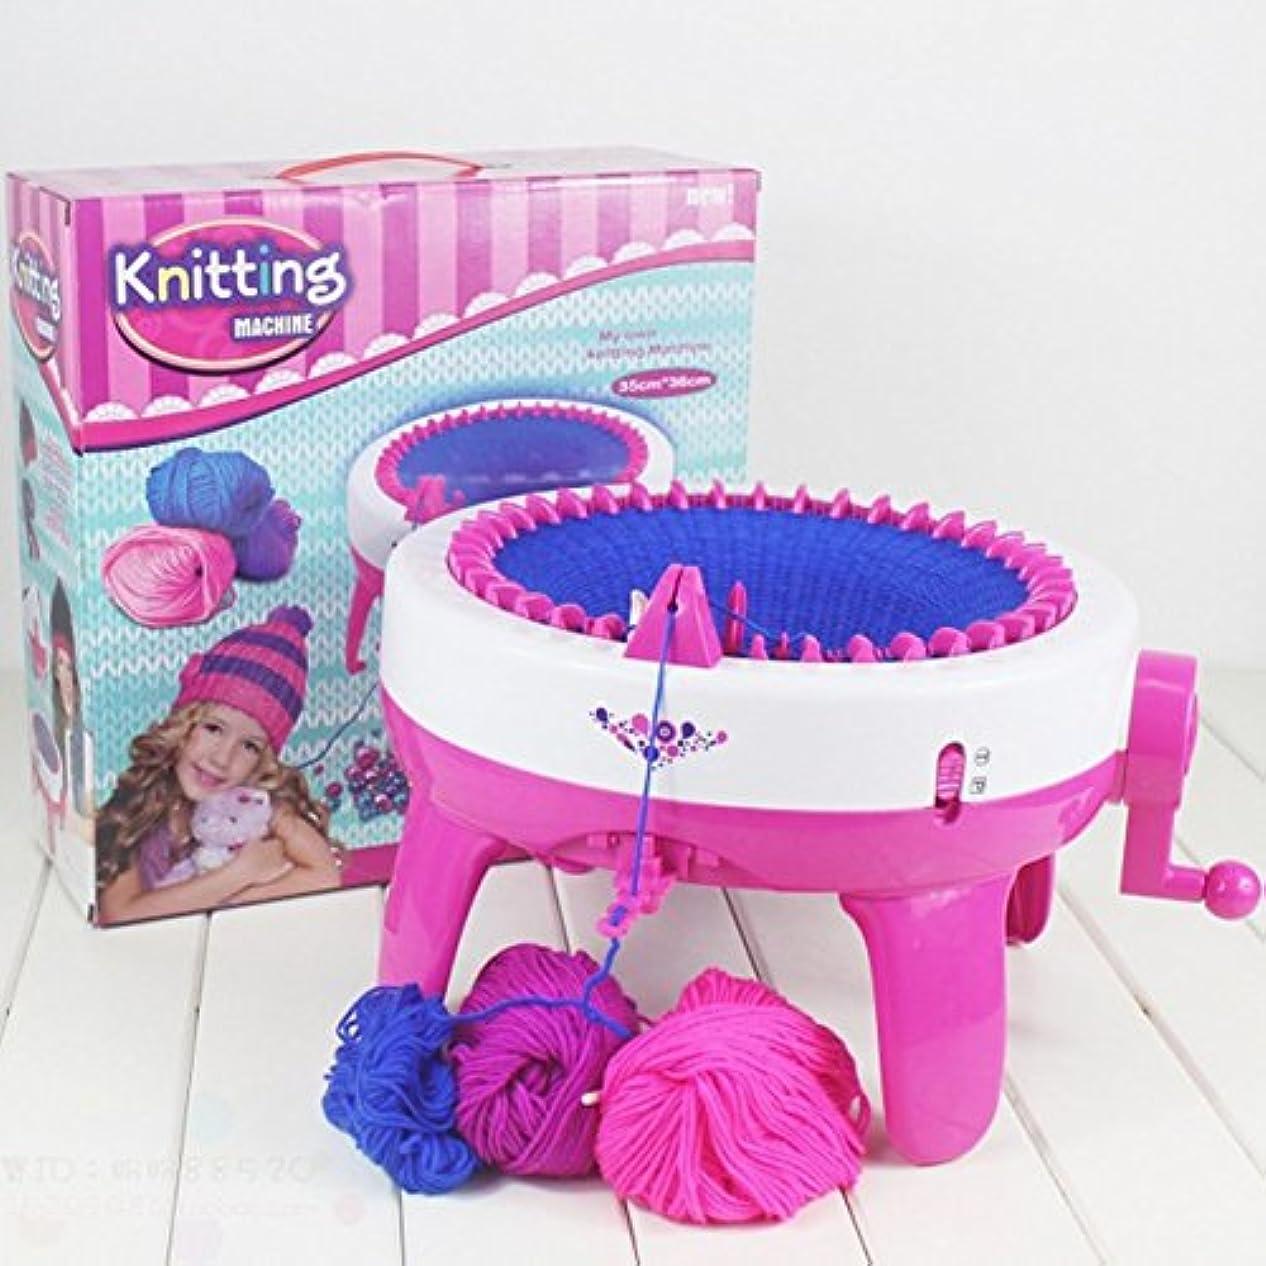 拡声器反対する文句を言うSaikogoods おかしいデザイン子供女の子編機DIYマニュアル帽子スカーフ編み機ニットセーターのおもちゃ子供のための ピンク&ホワイト